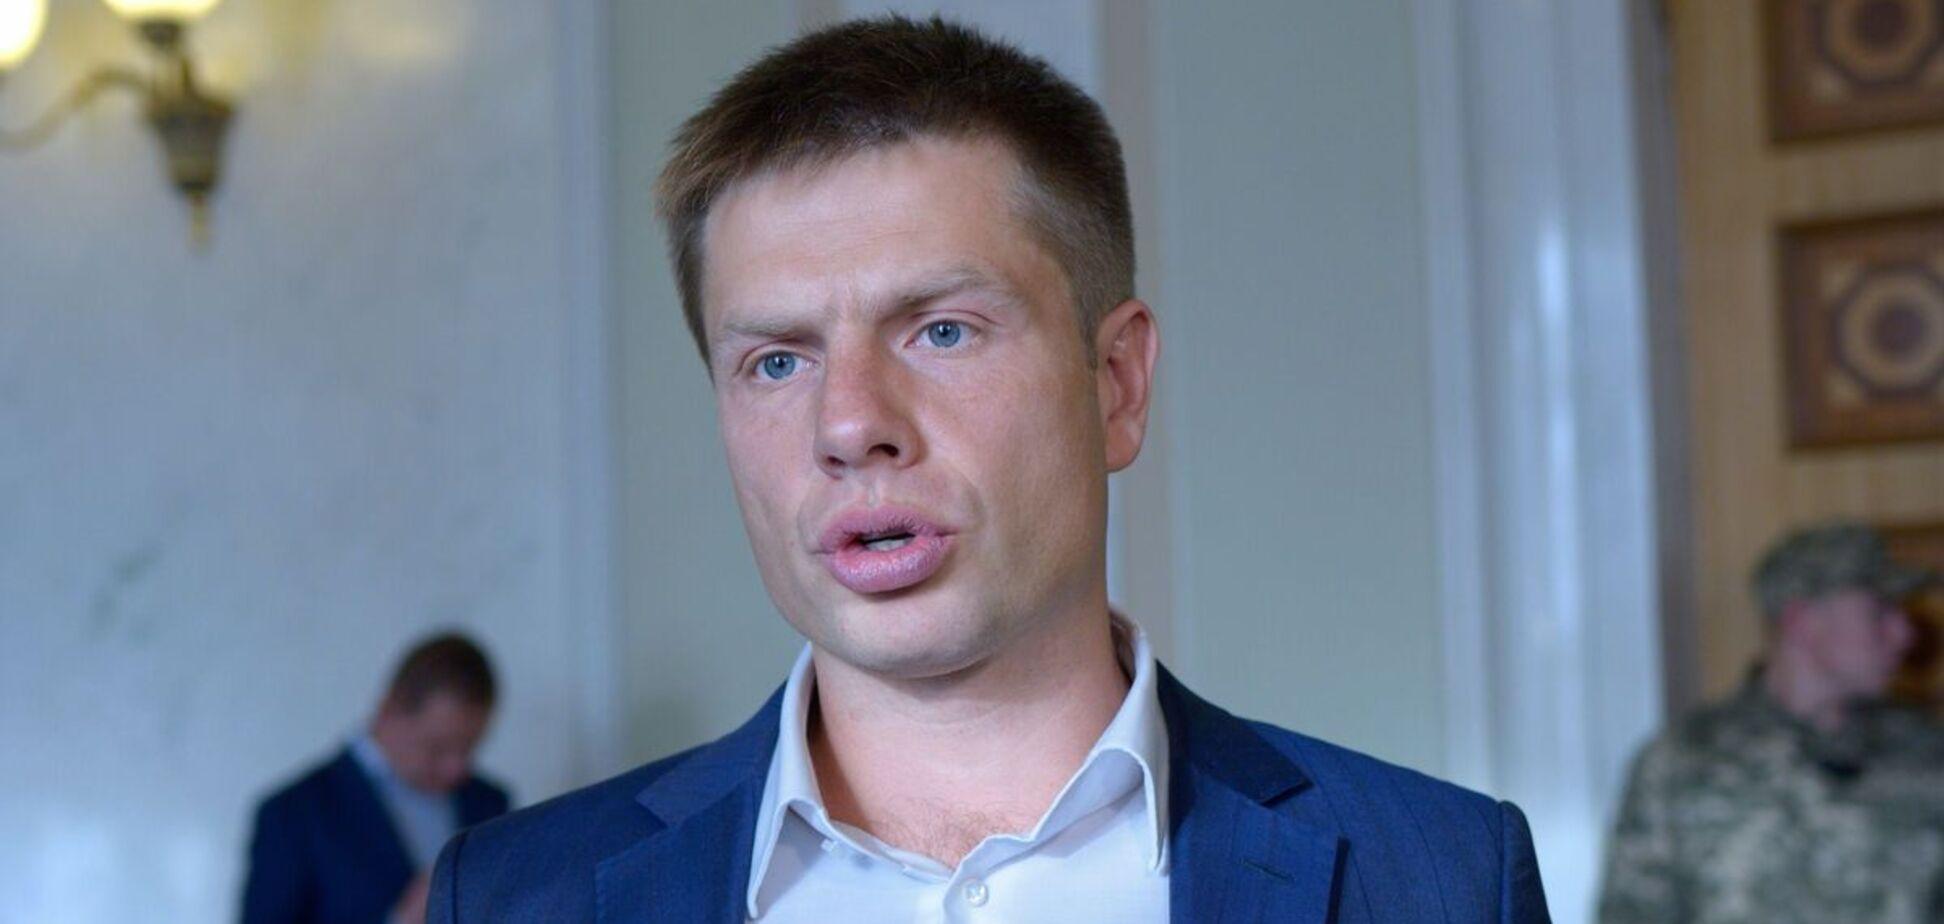 Нардеп Гончаренко: Контроль над СМИ – это основная цель президентского закона об олигархах